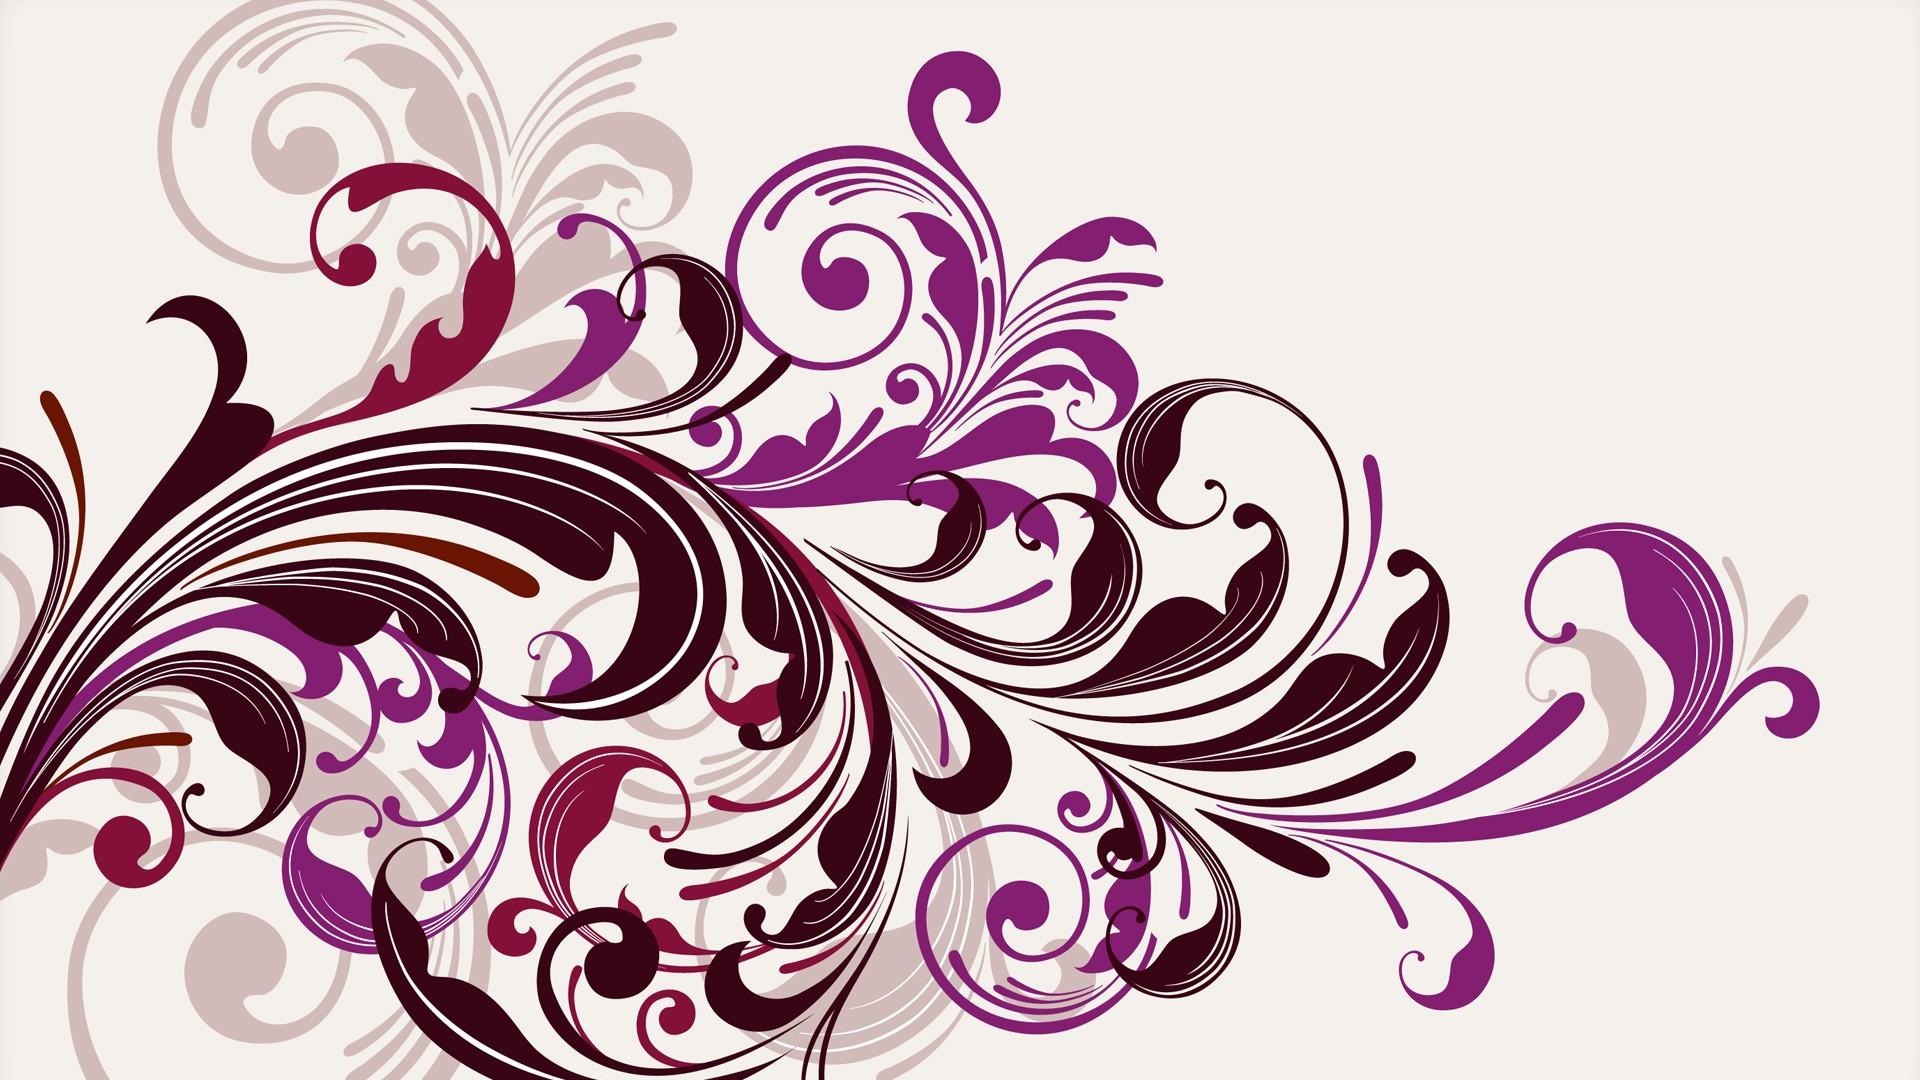 Flores abstractas - 1920x1080